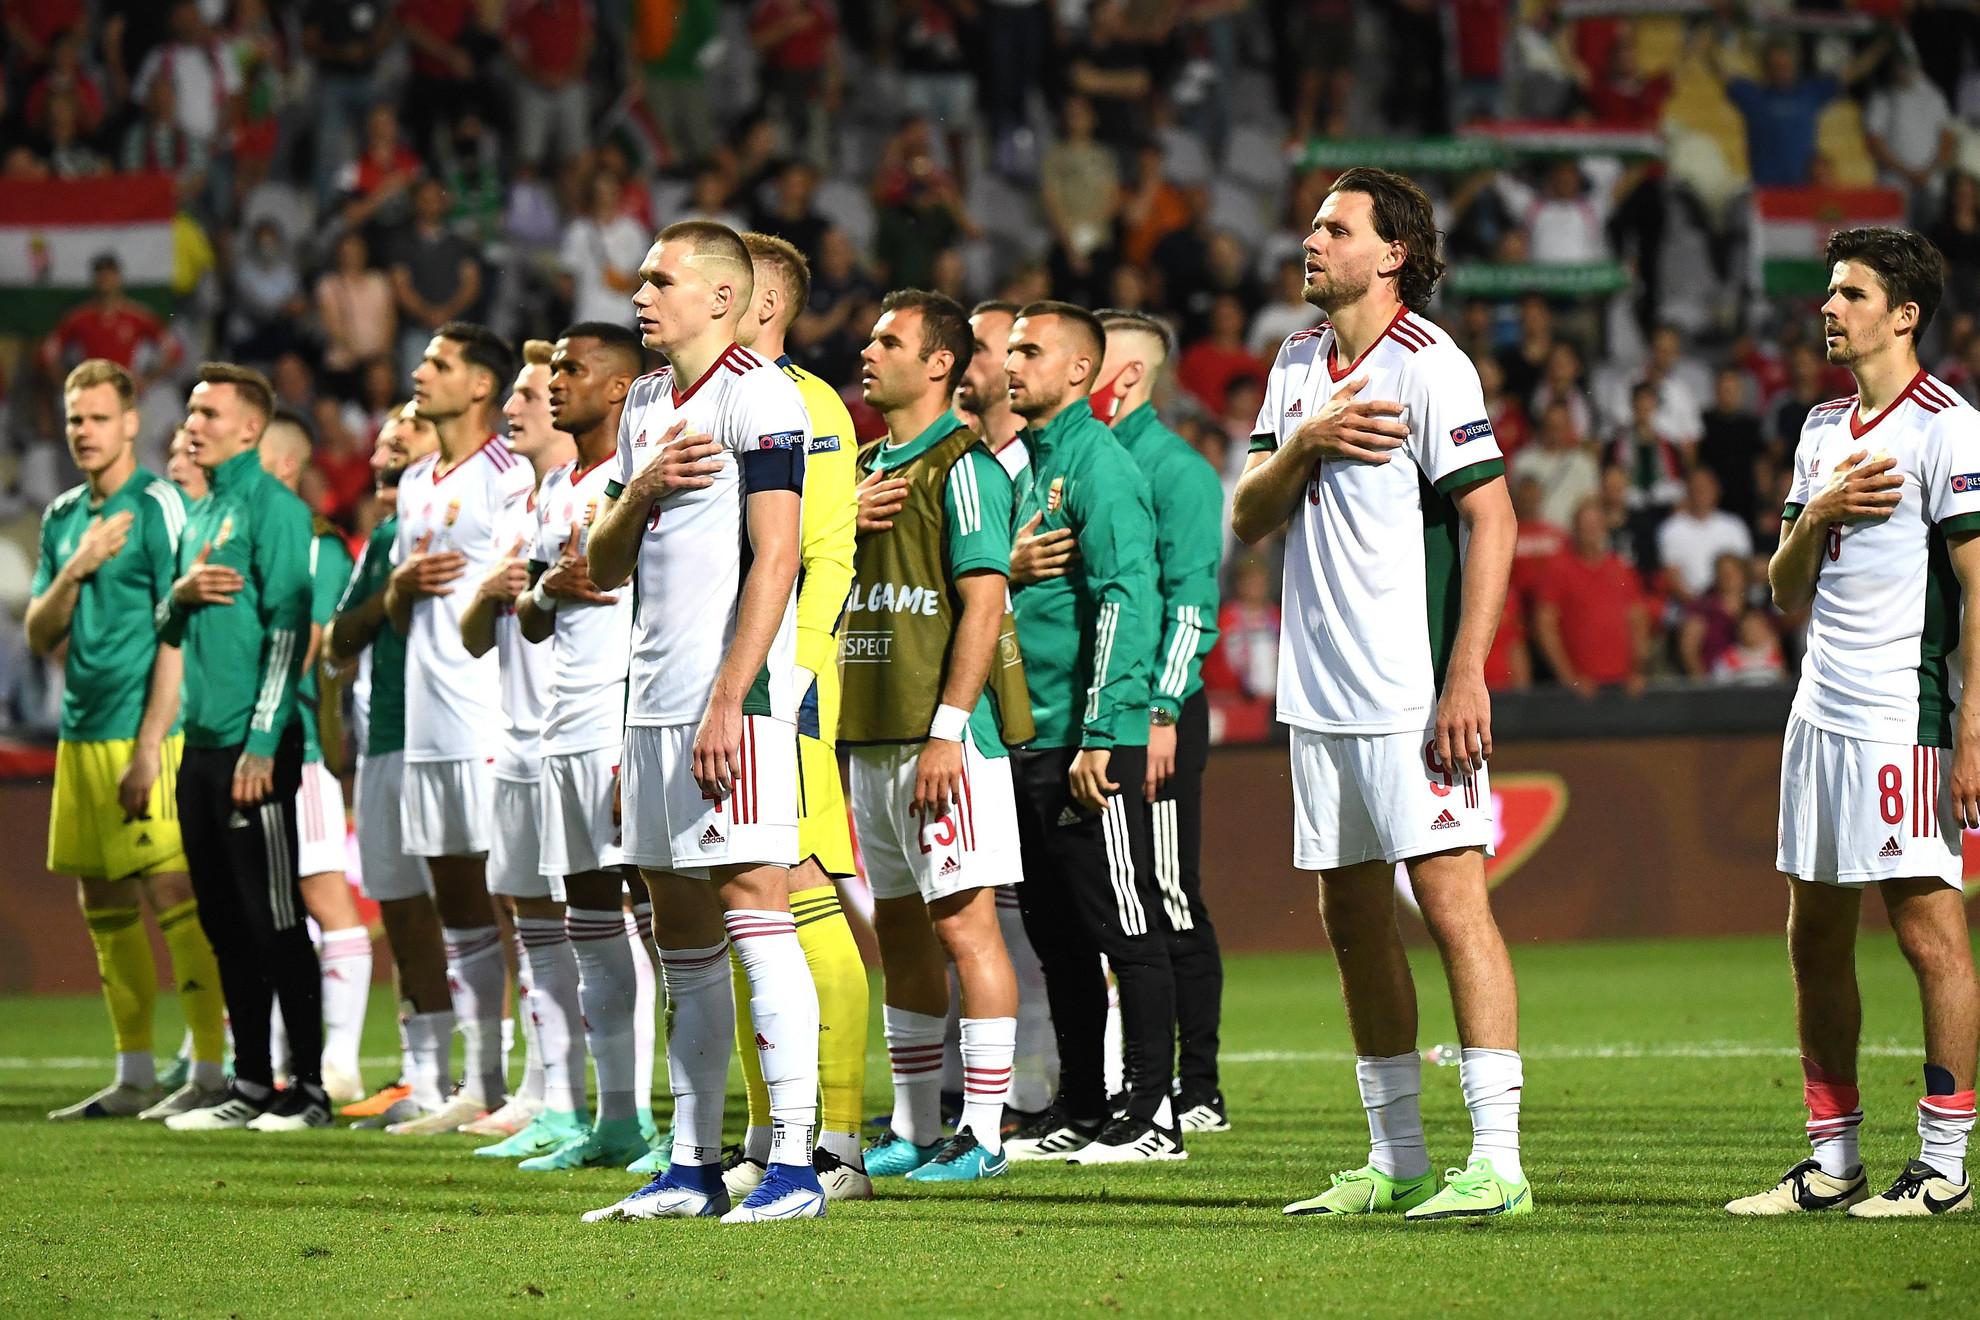 A magyar válogatott játékosai a Magyarország - Írország barátságos labdarúgó-mérkőzés után Budapesten, a Szusza Ferenc Stadionban 2021. június 8-án